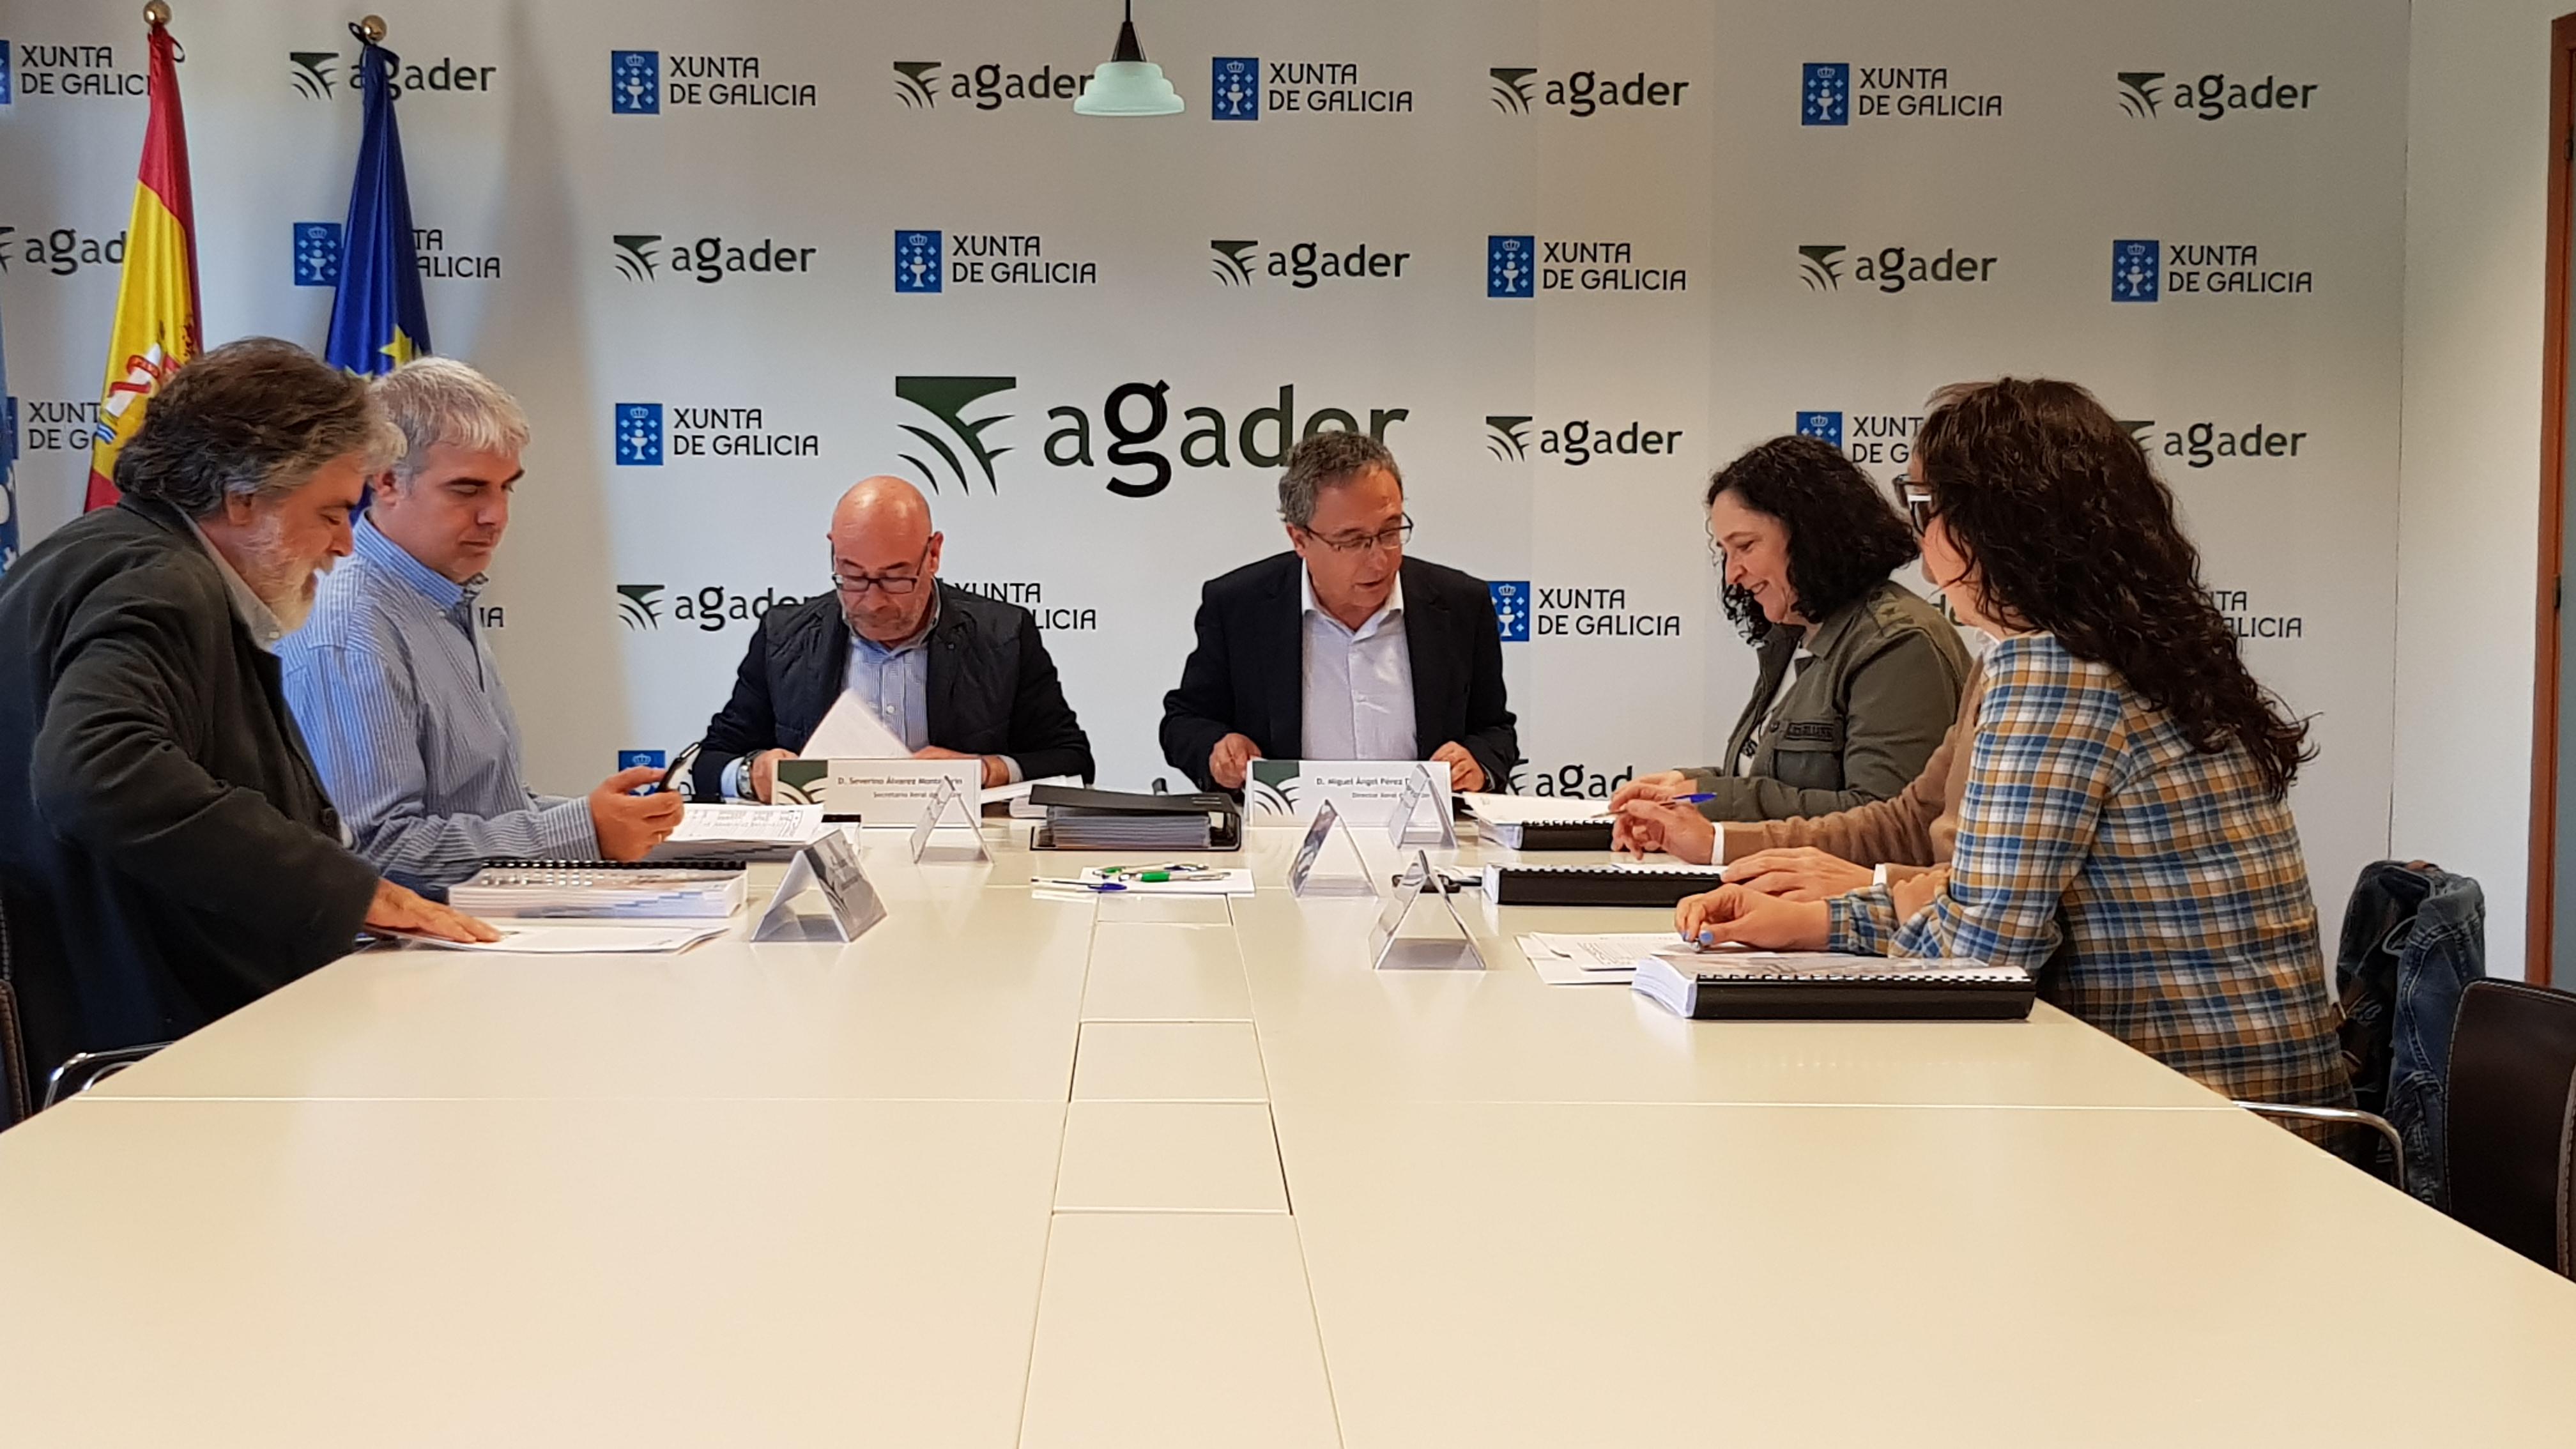 Reunión do xurado dos premios Agader